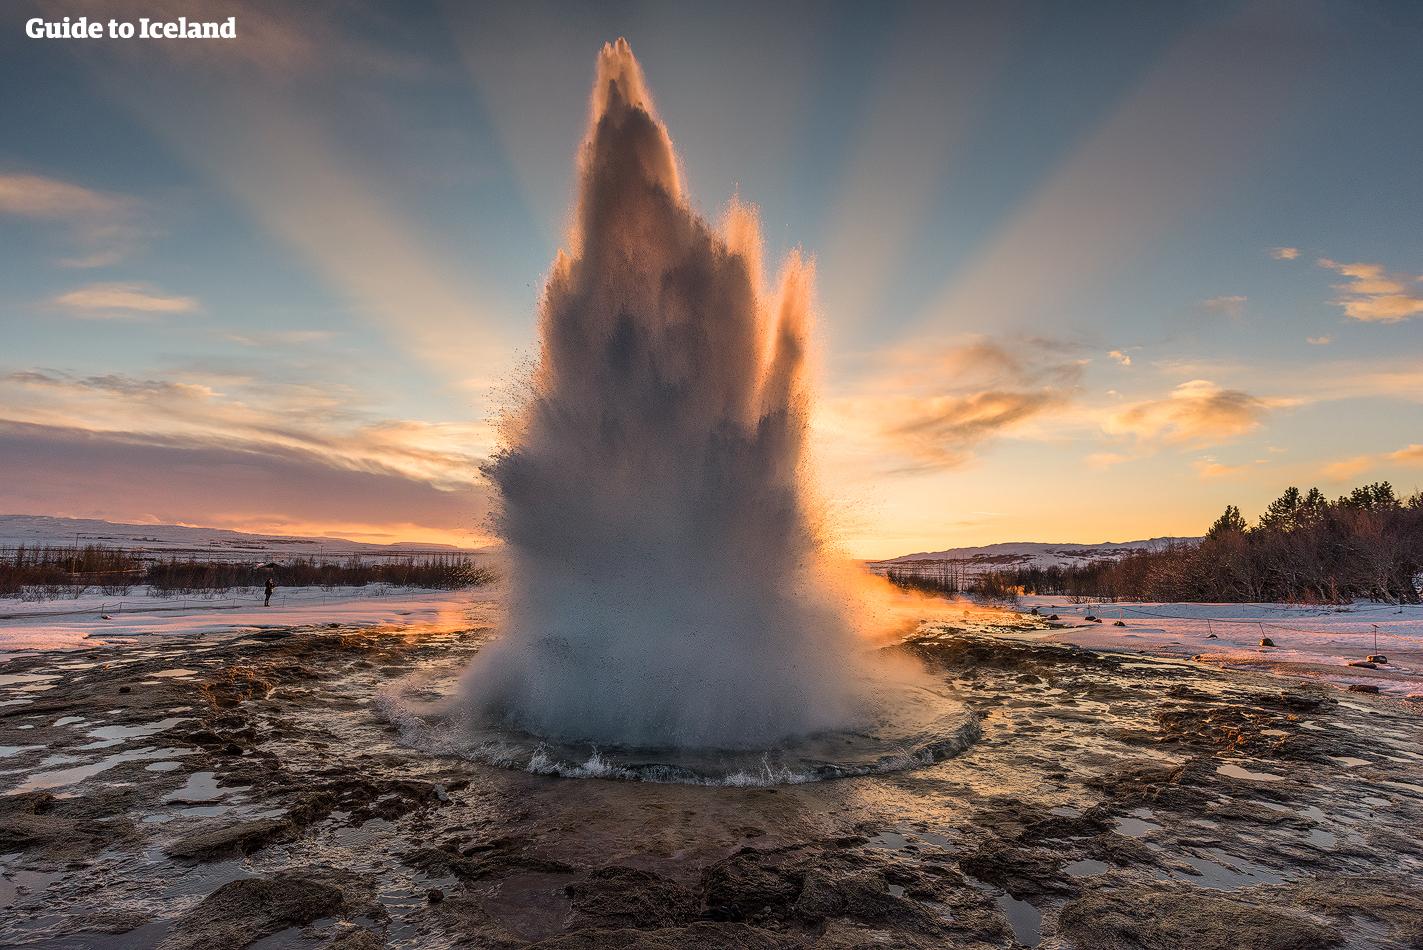 Гейзер Строккур в Долине гейзеров извергается на фоне зимнего солнца